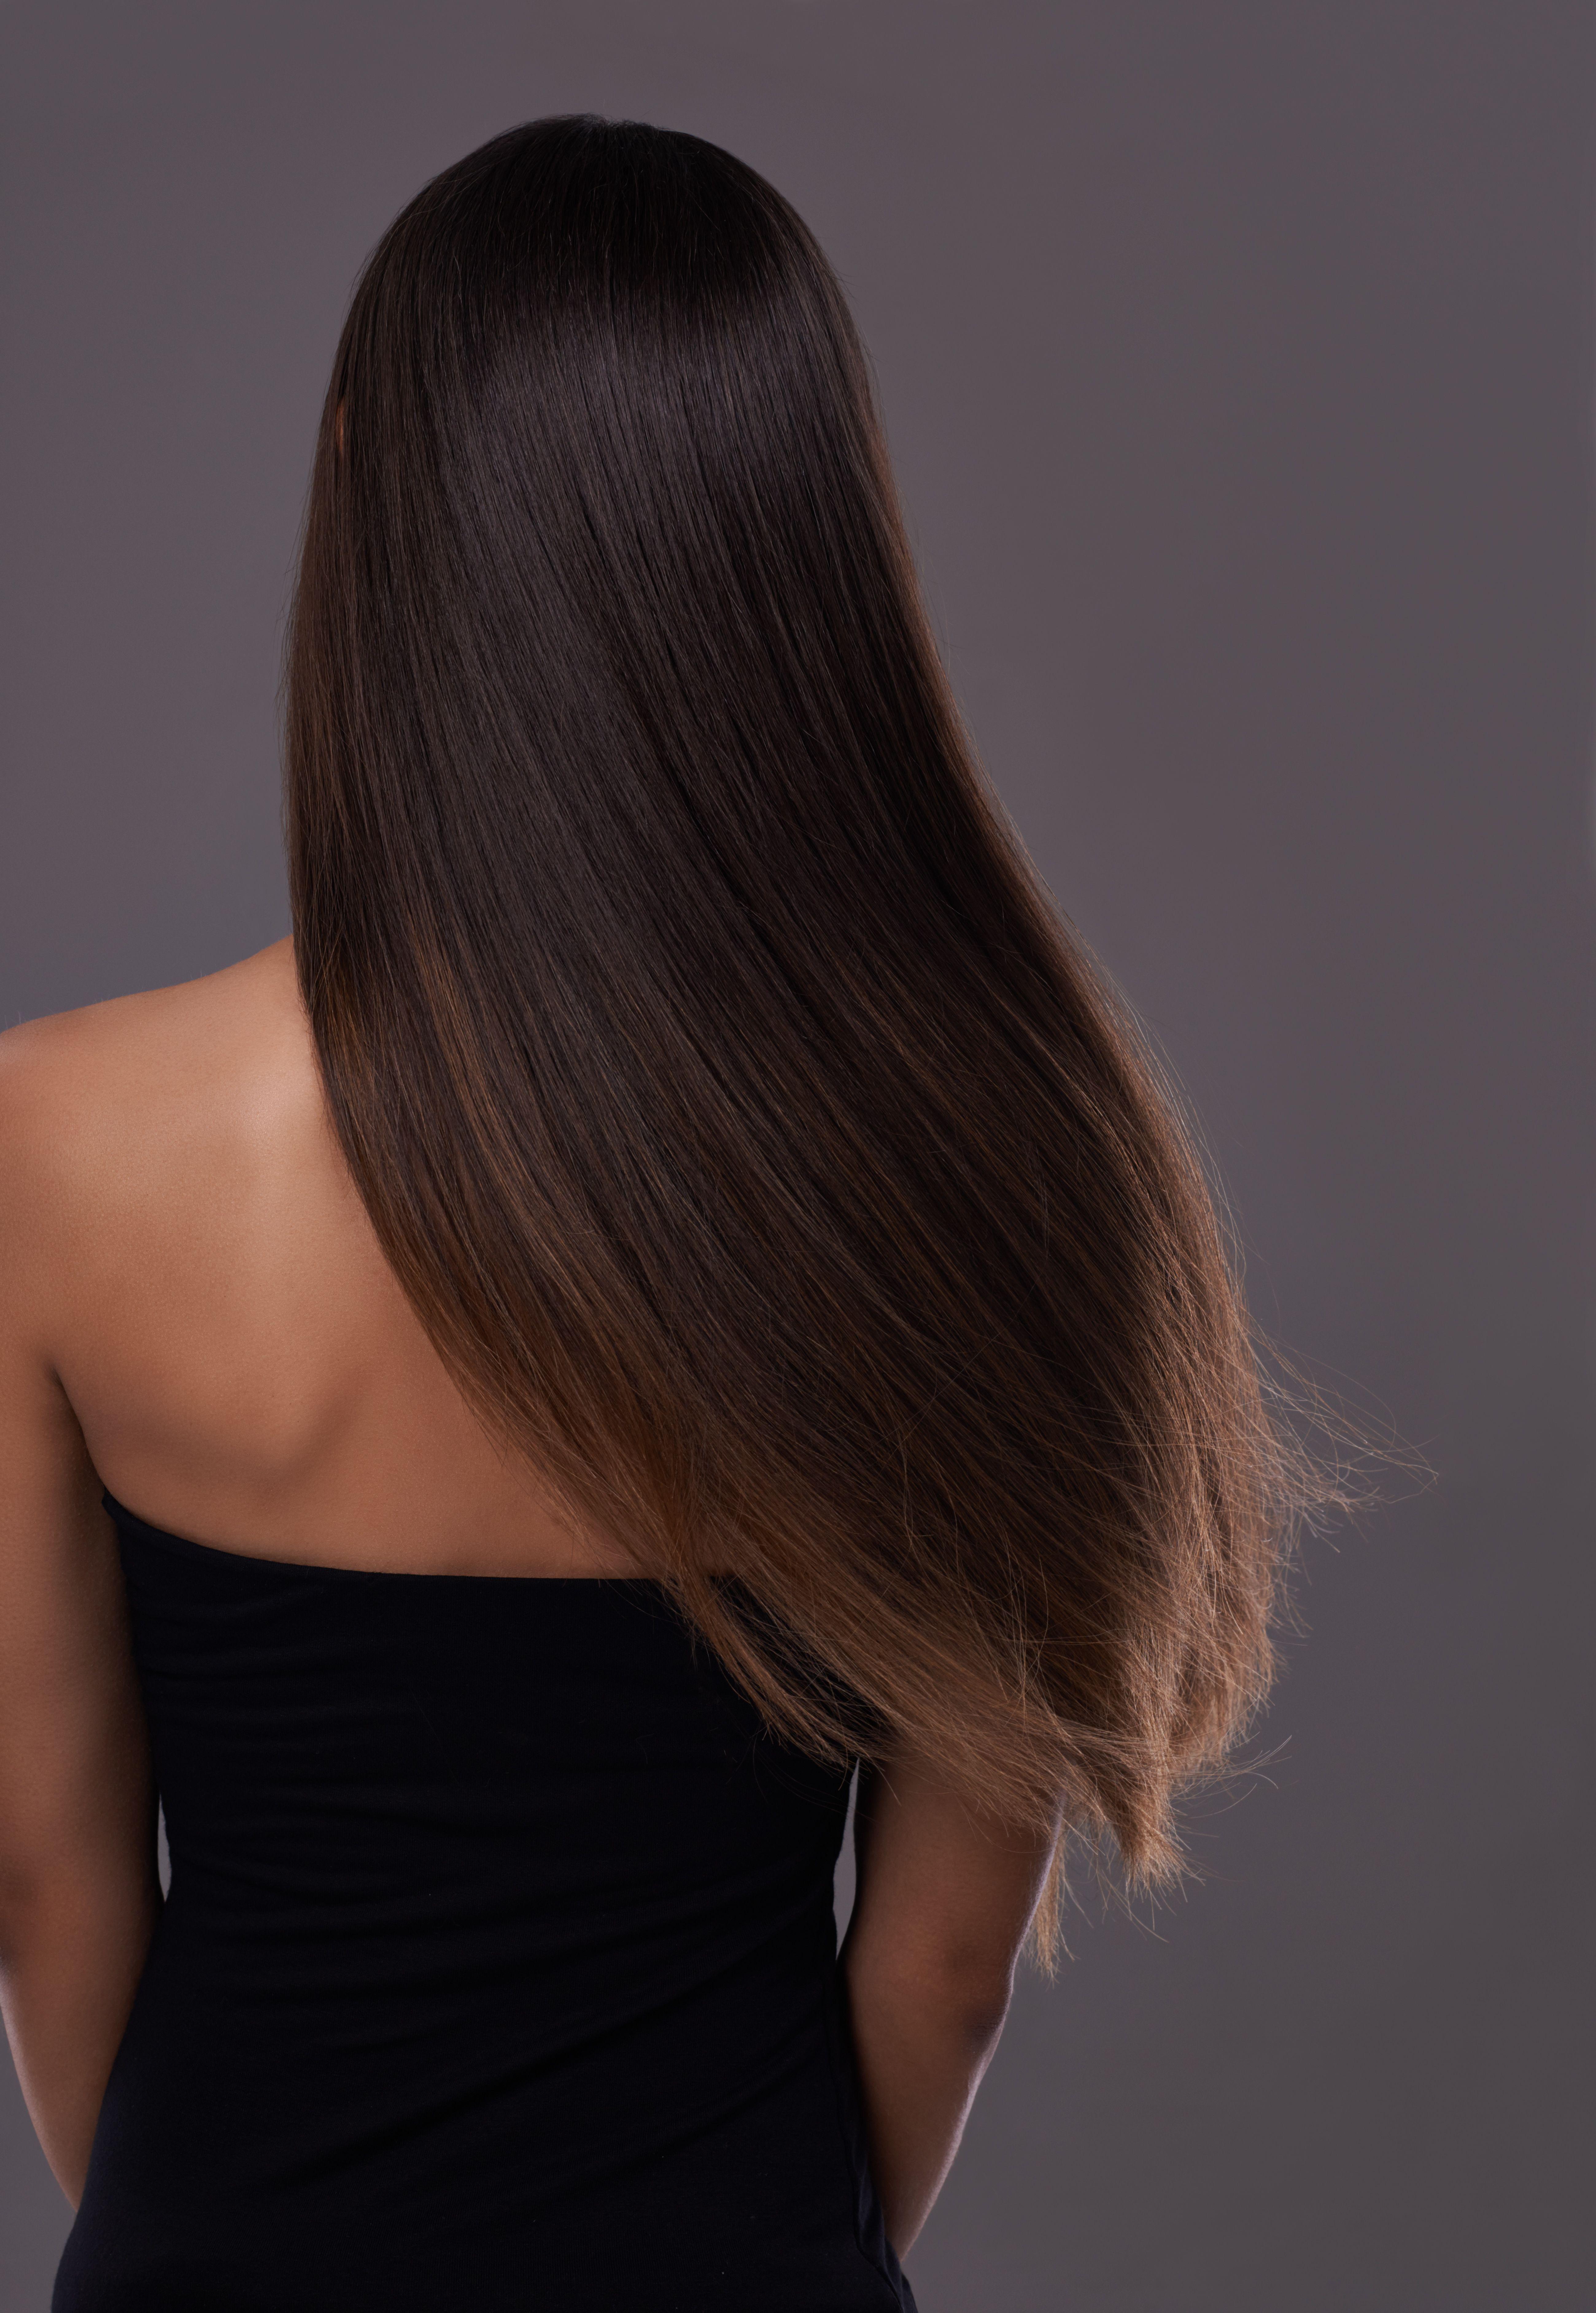 Tratamientos capilares para un pelo radiante en Zaragoza